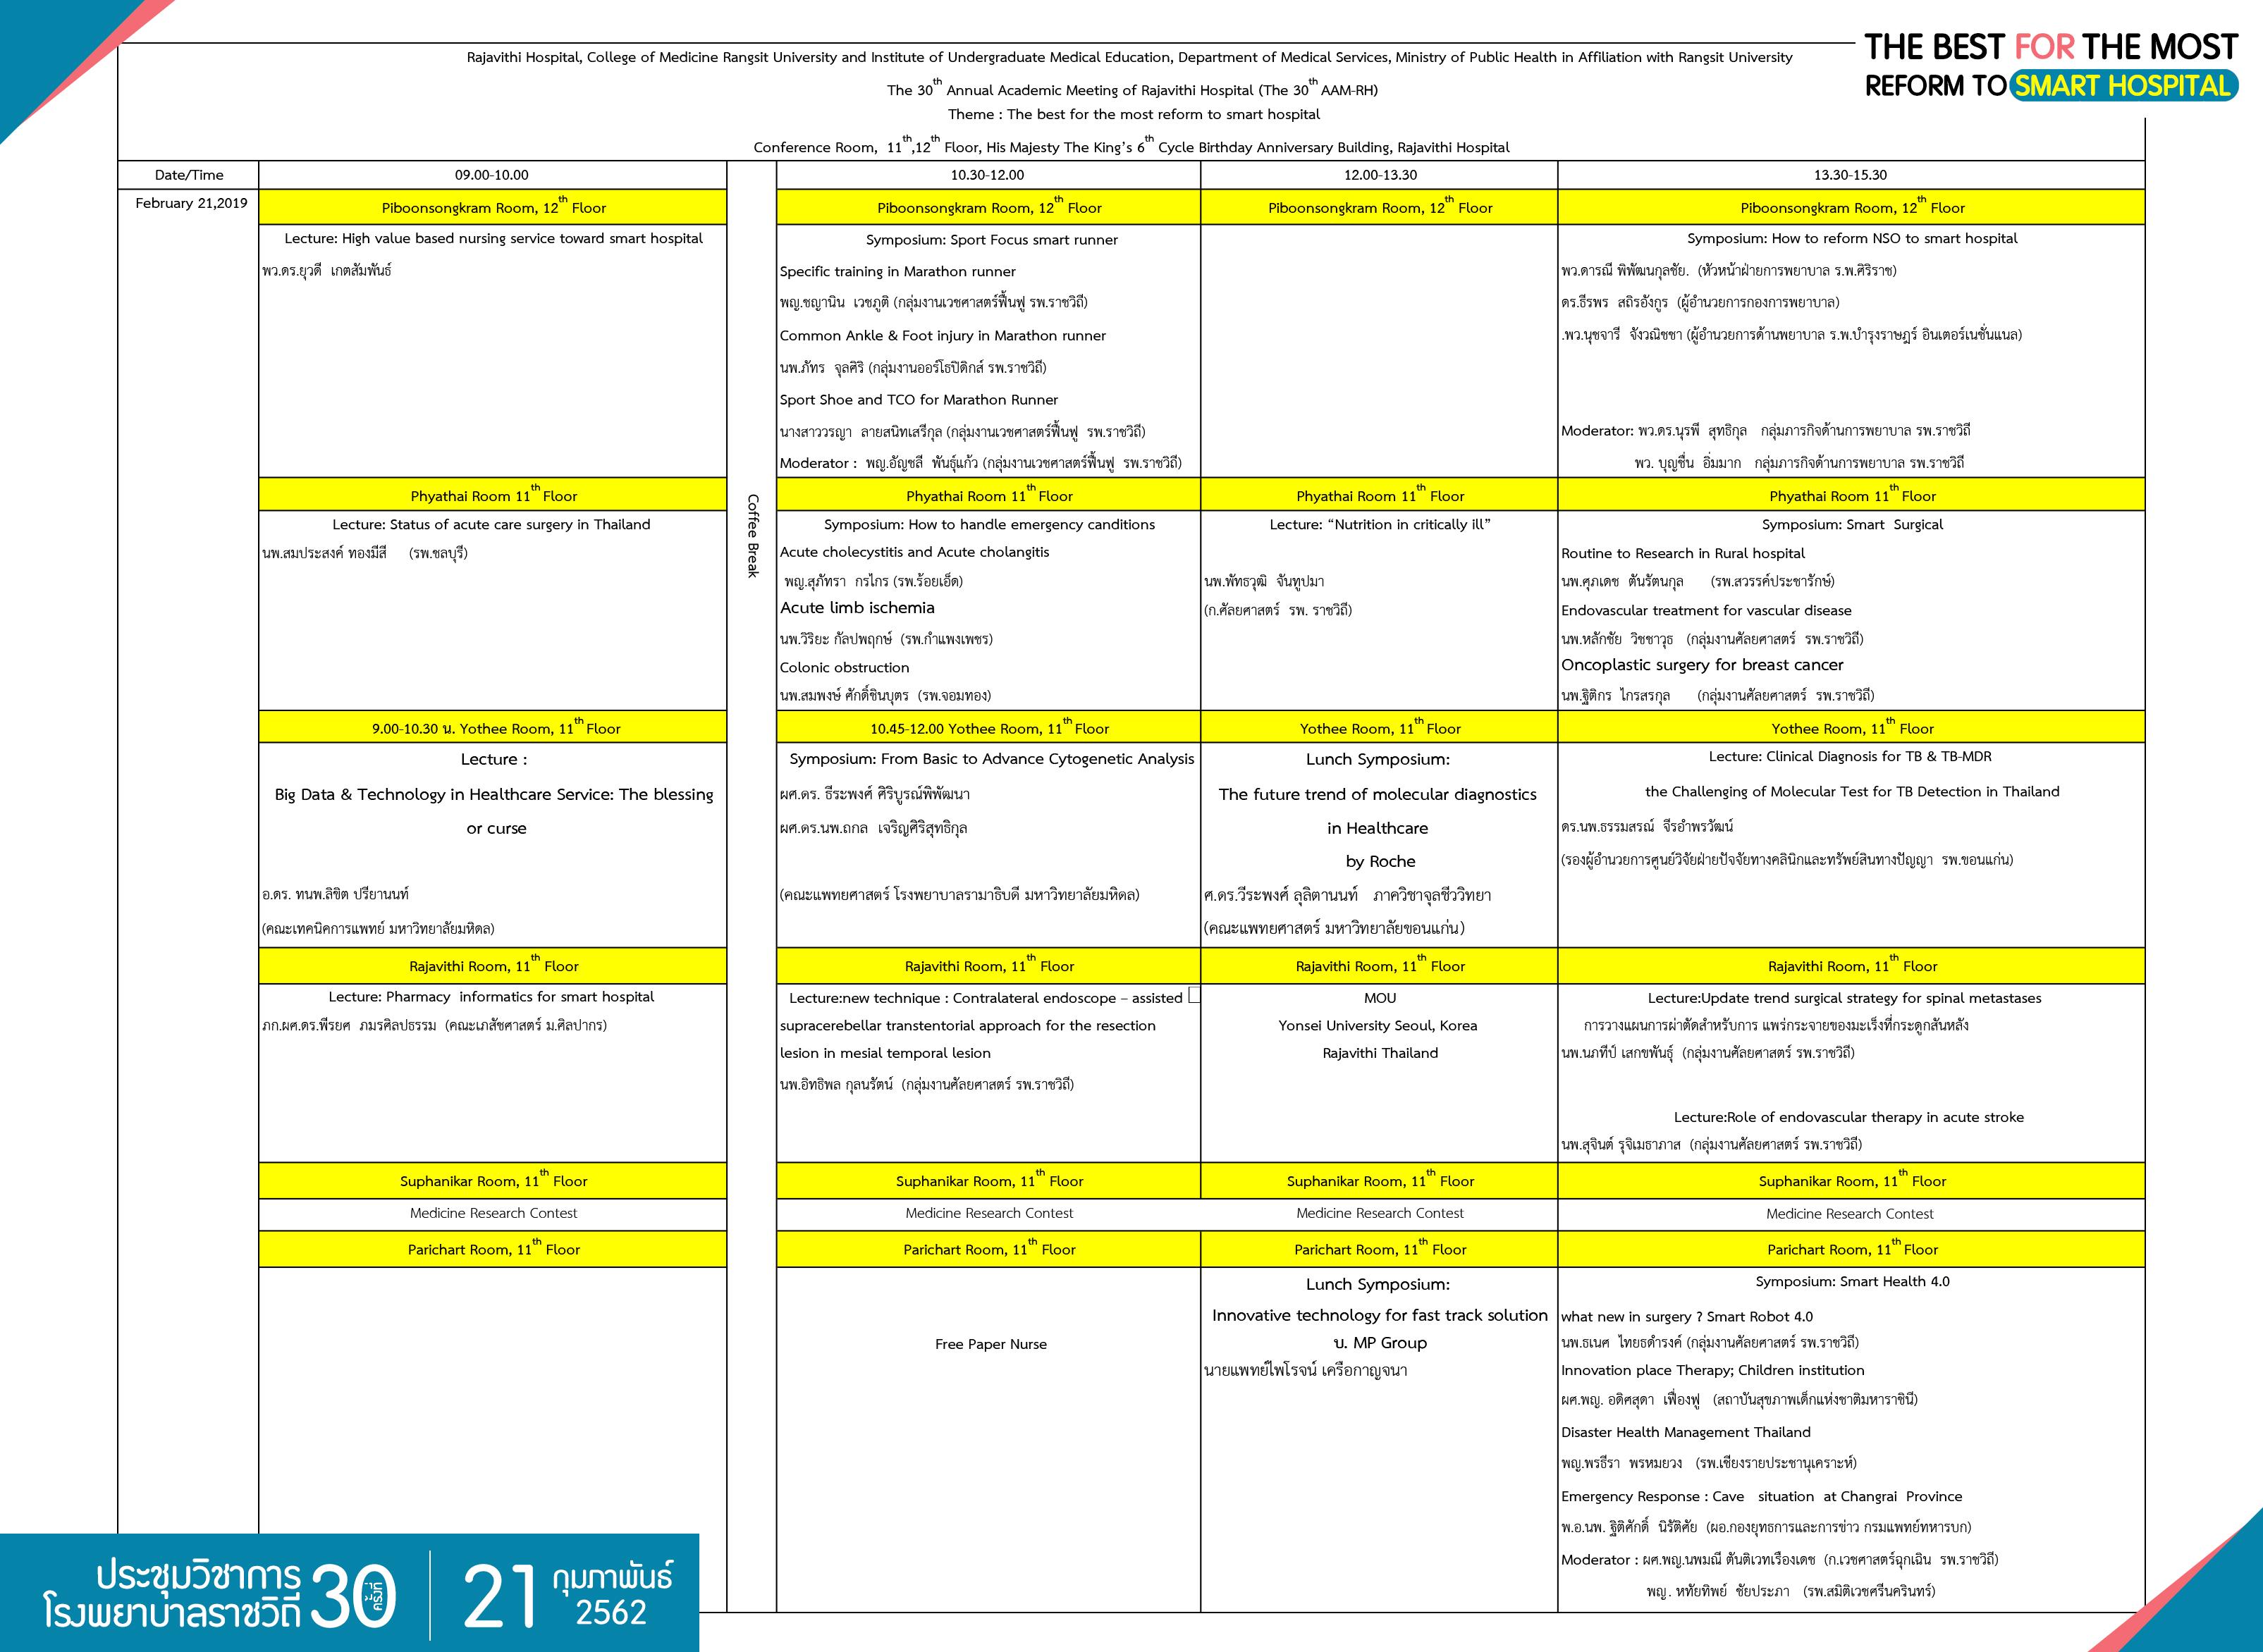 2-30-01-62-%e0%b8%81%e0%b8%b3%e0%b8%ab%e0%b8%99%e0%b8%94%e0%b8%81%e0%b8%b2%e0%b8%a3-program-thai-1